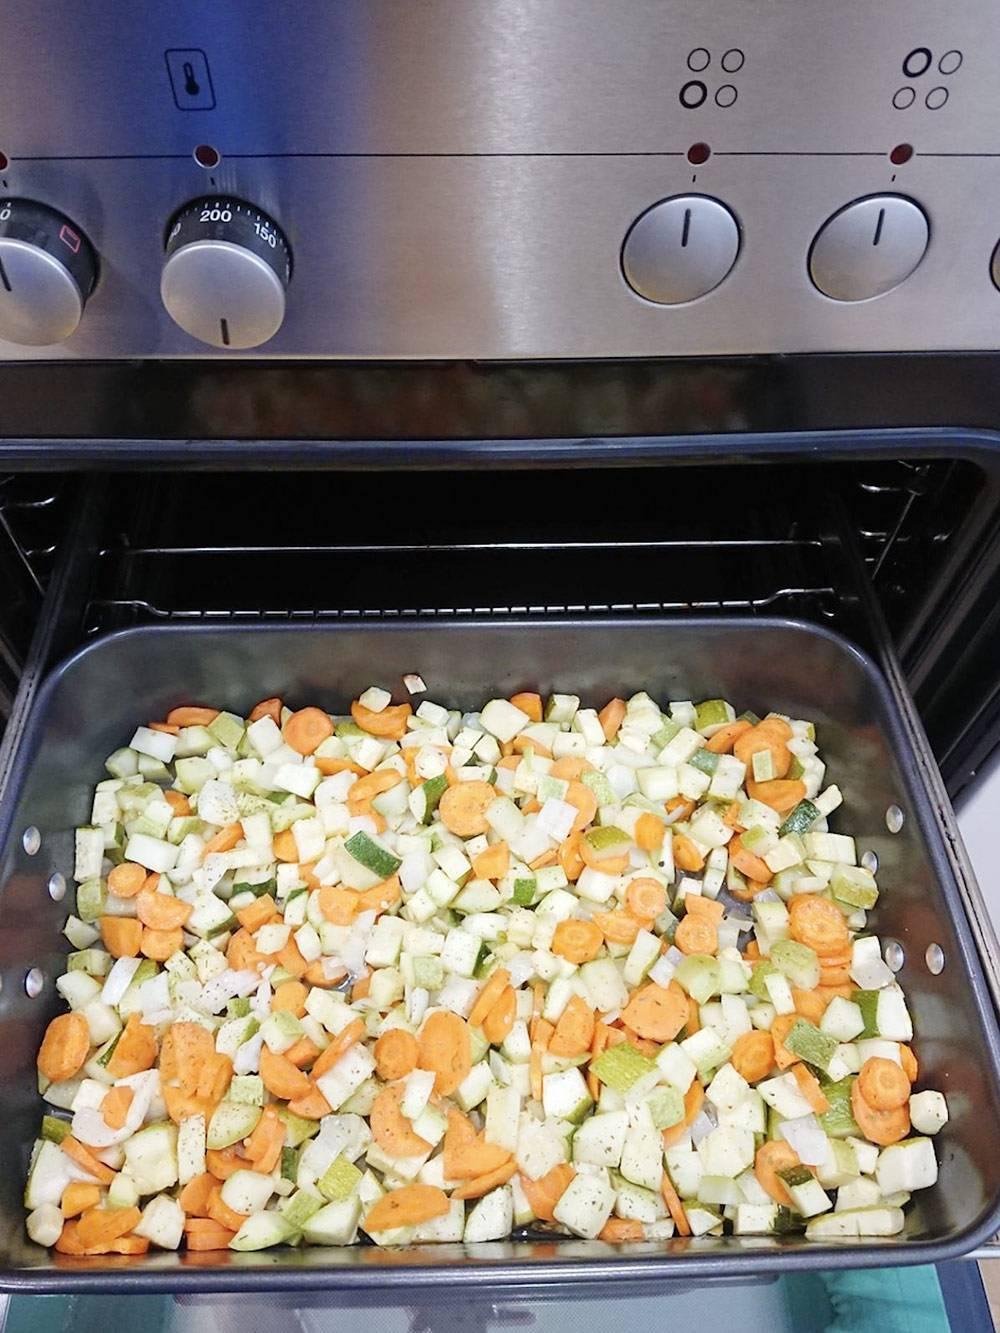 Жареные или запеченные овощи мне нравятся больше, чем тушенные в сотейнике